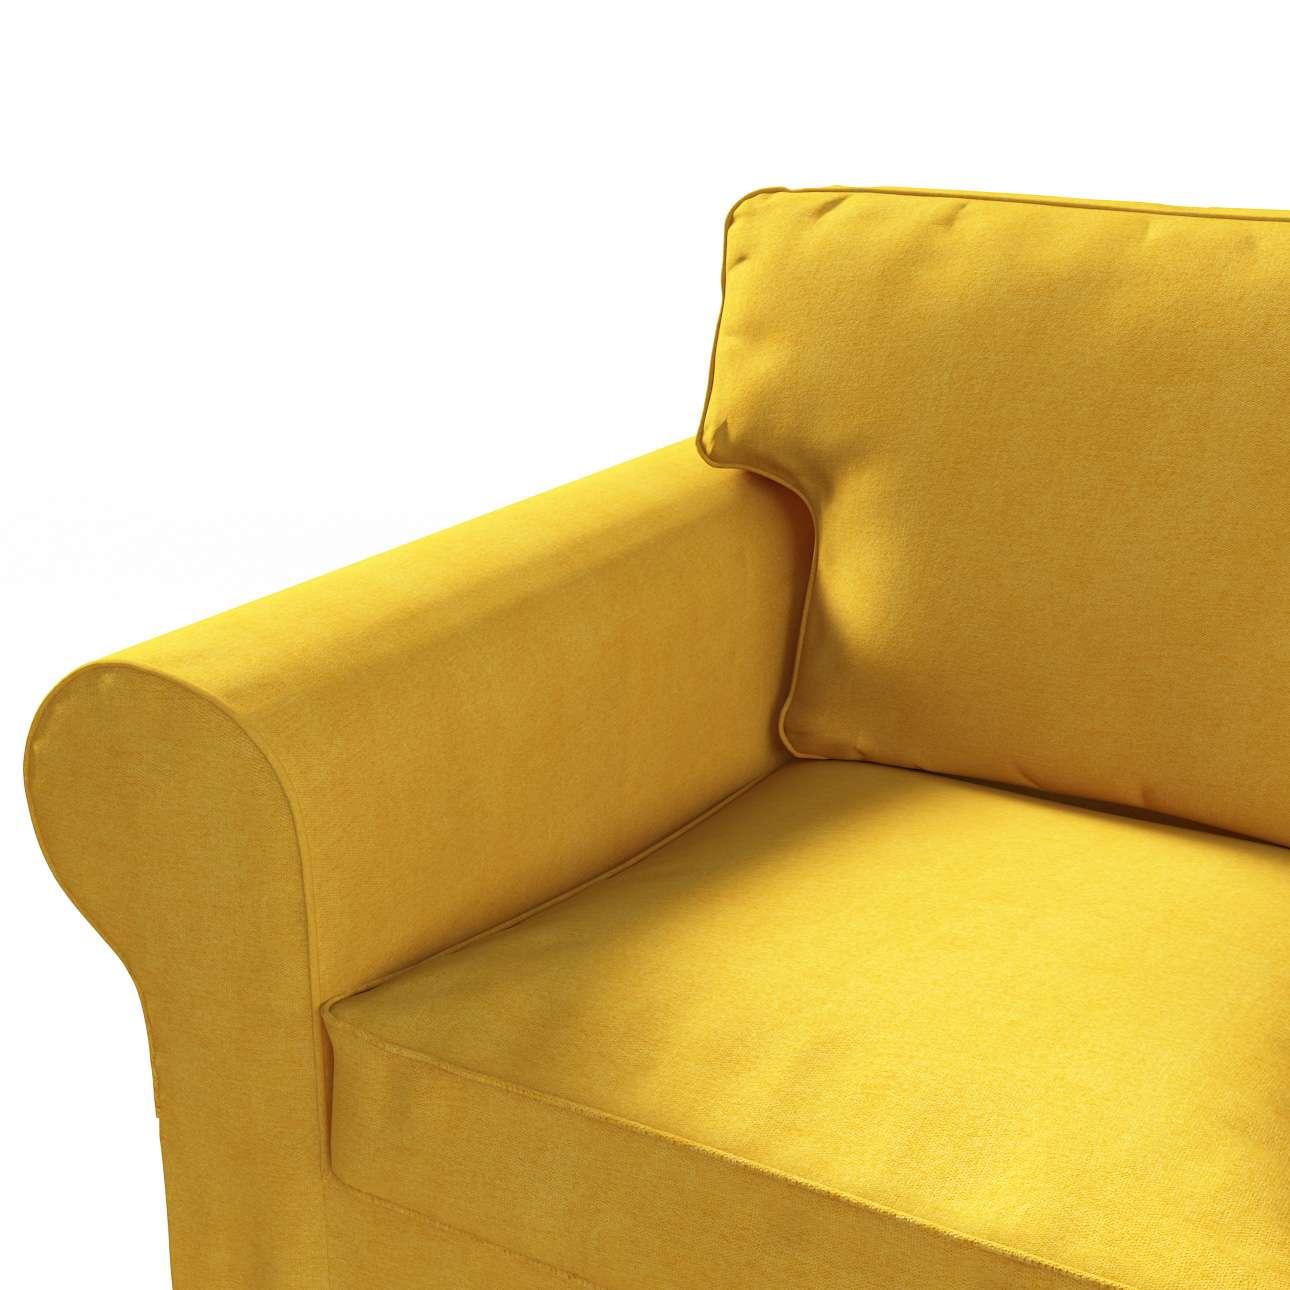 Ektorp 3-Sitzer Schlafsofabezug neues Modell (2013) von der Kollektion Etna, Stoff: 705-04